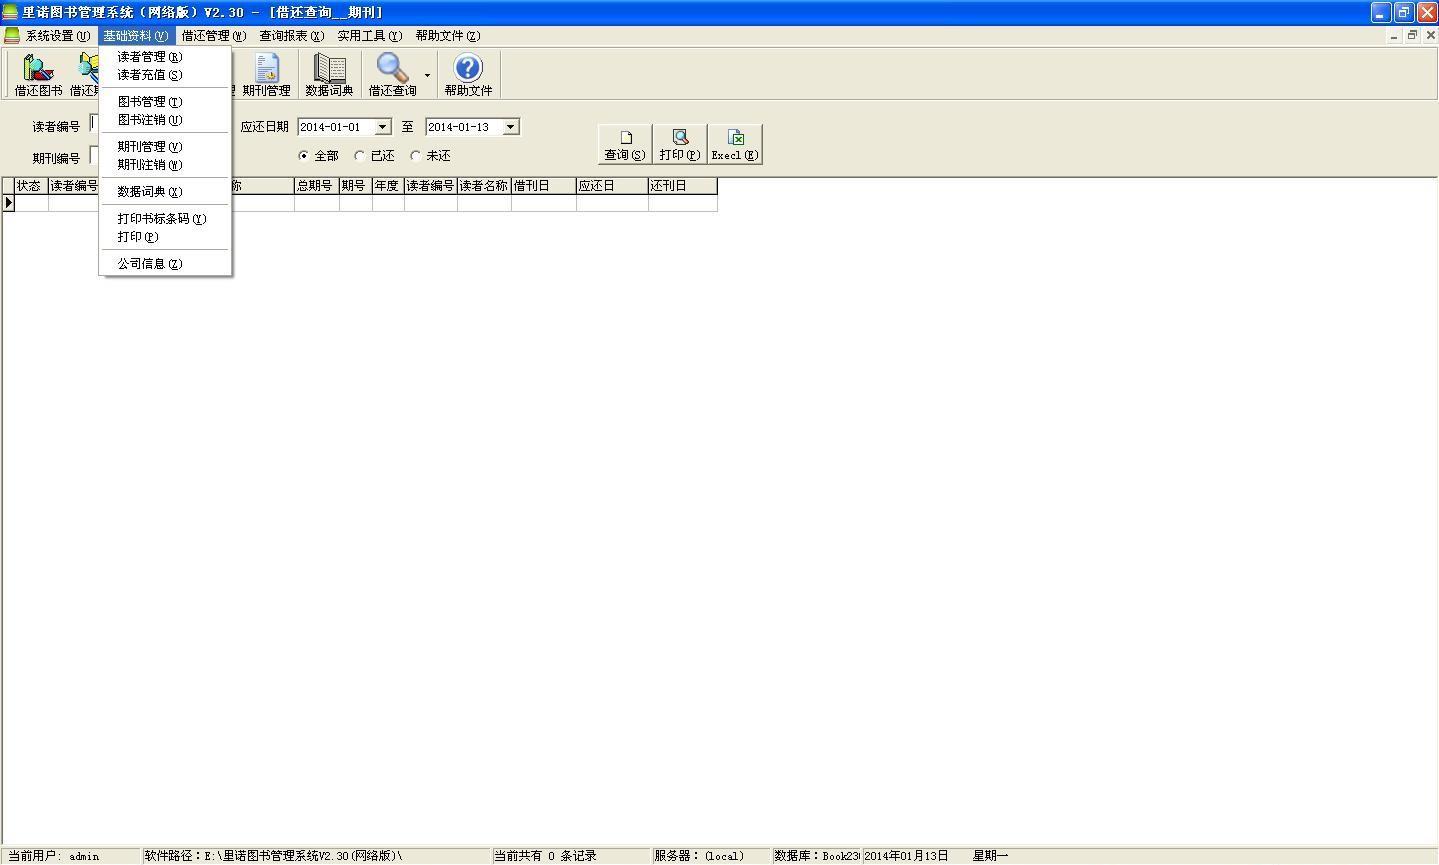 里诺图书管理系统系统资料设置